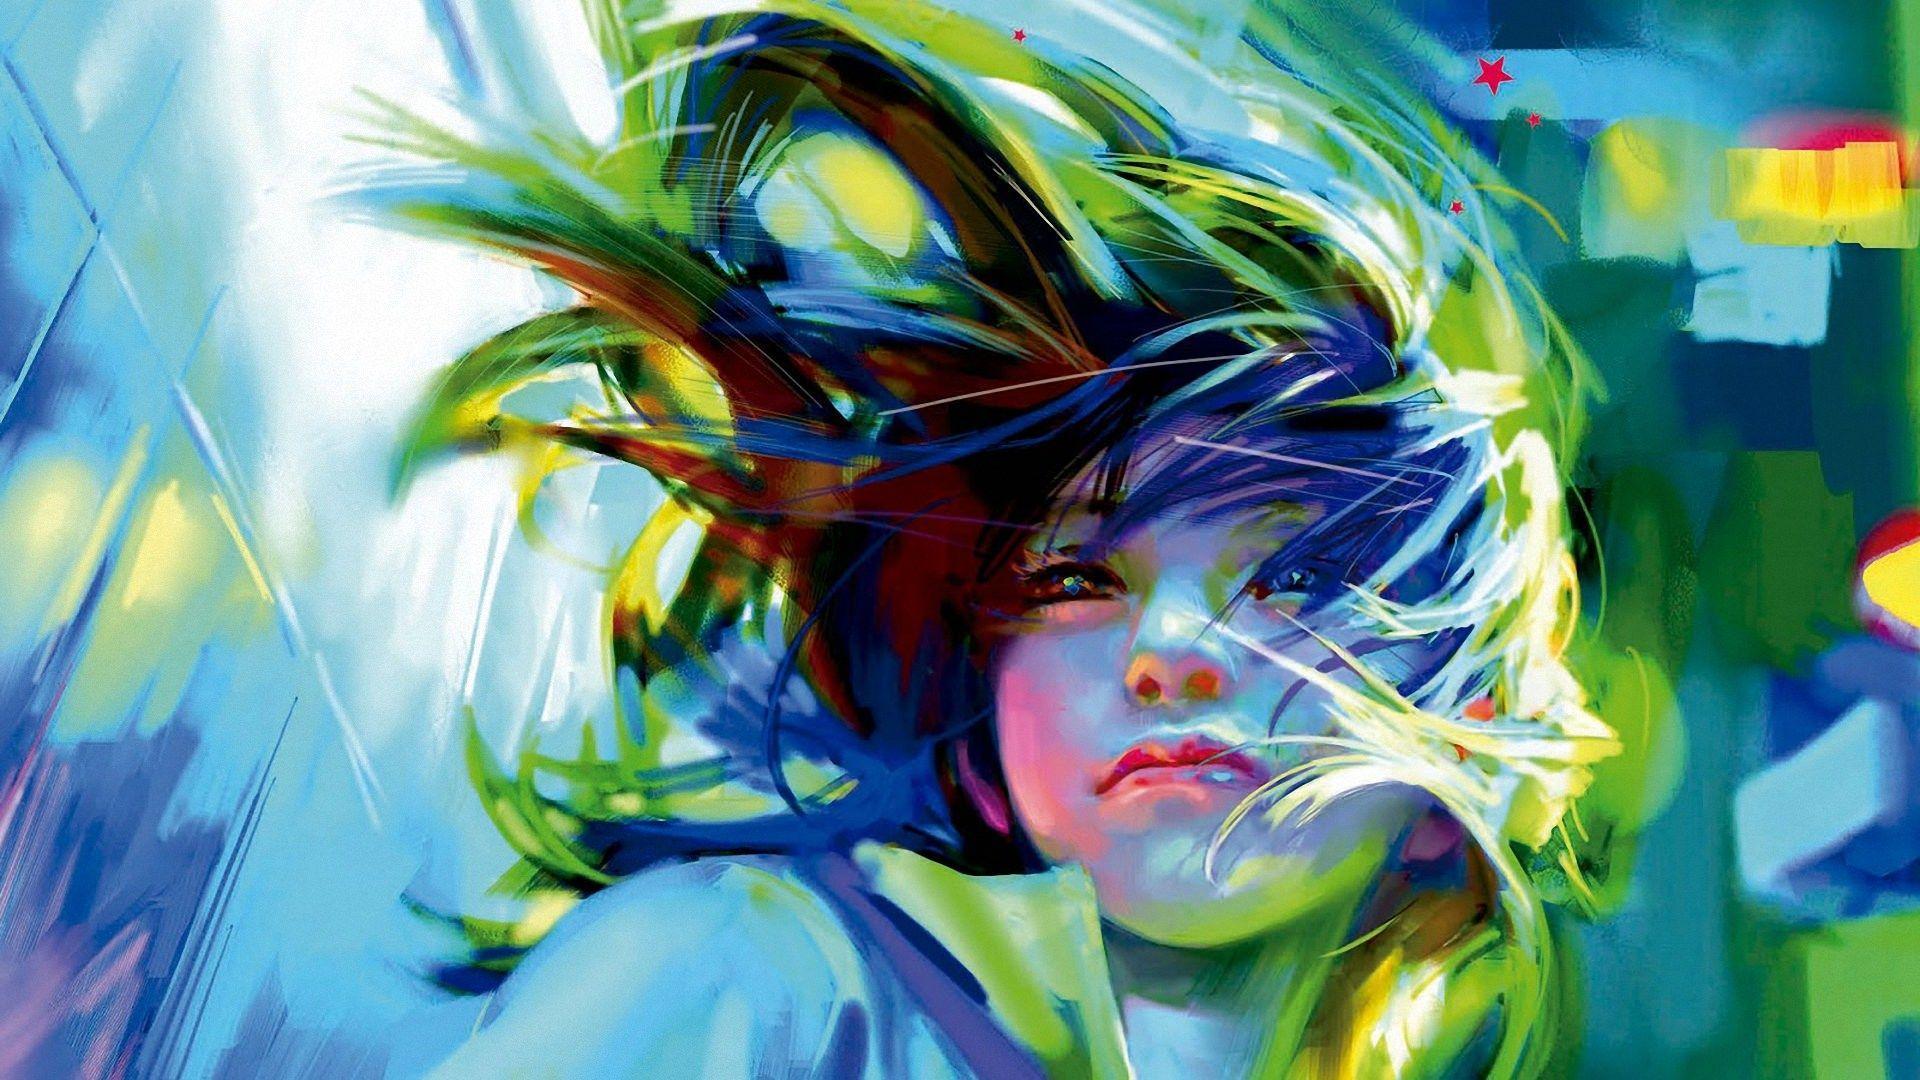 12916 Get Inspired For Anime Art Background @koolgadgetz.com.info